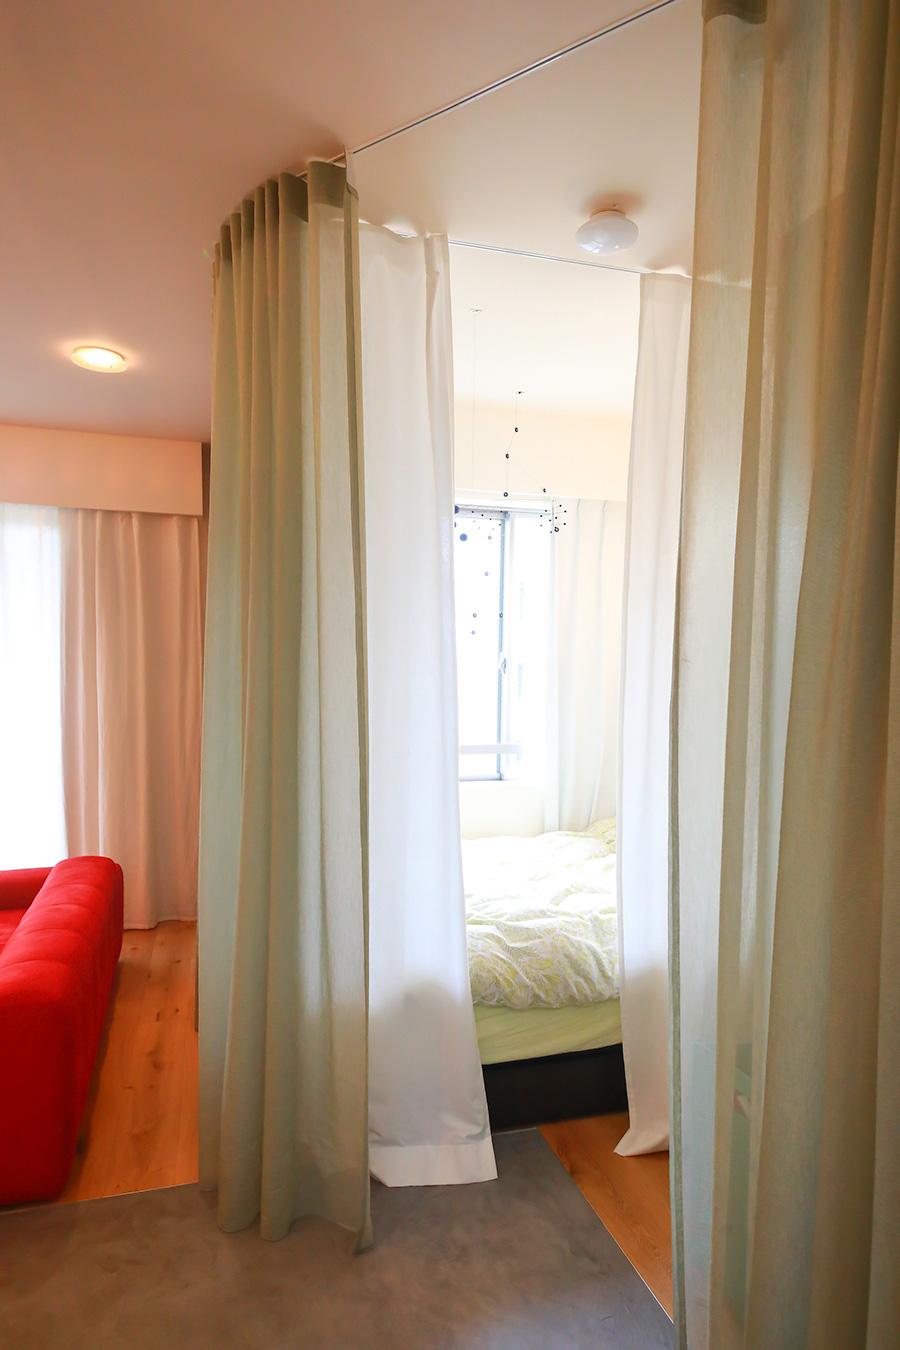 カーテンはKvadrat(クヴァドラ)社のもの。寝室は内側のL字のカーテンで仕切る。